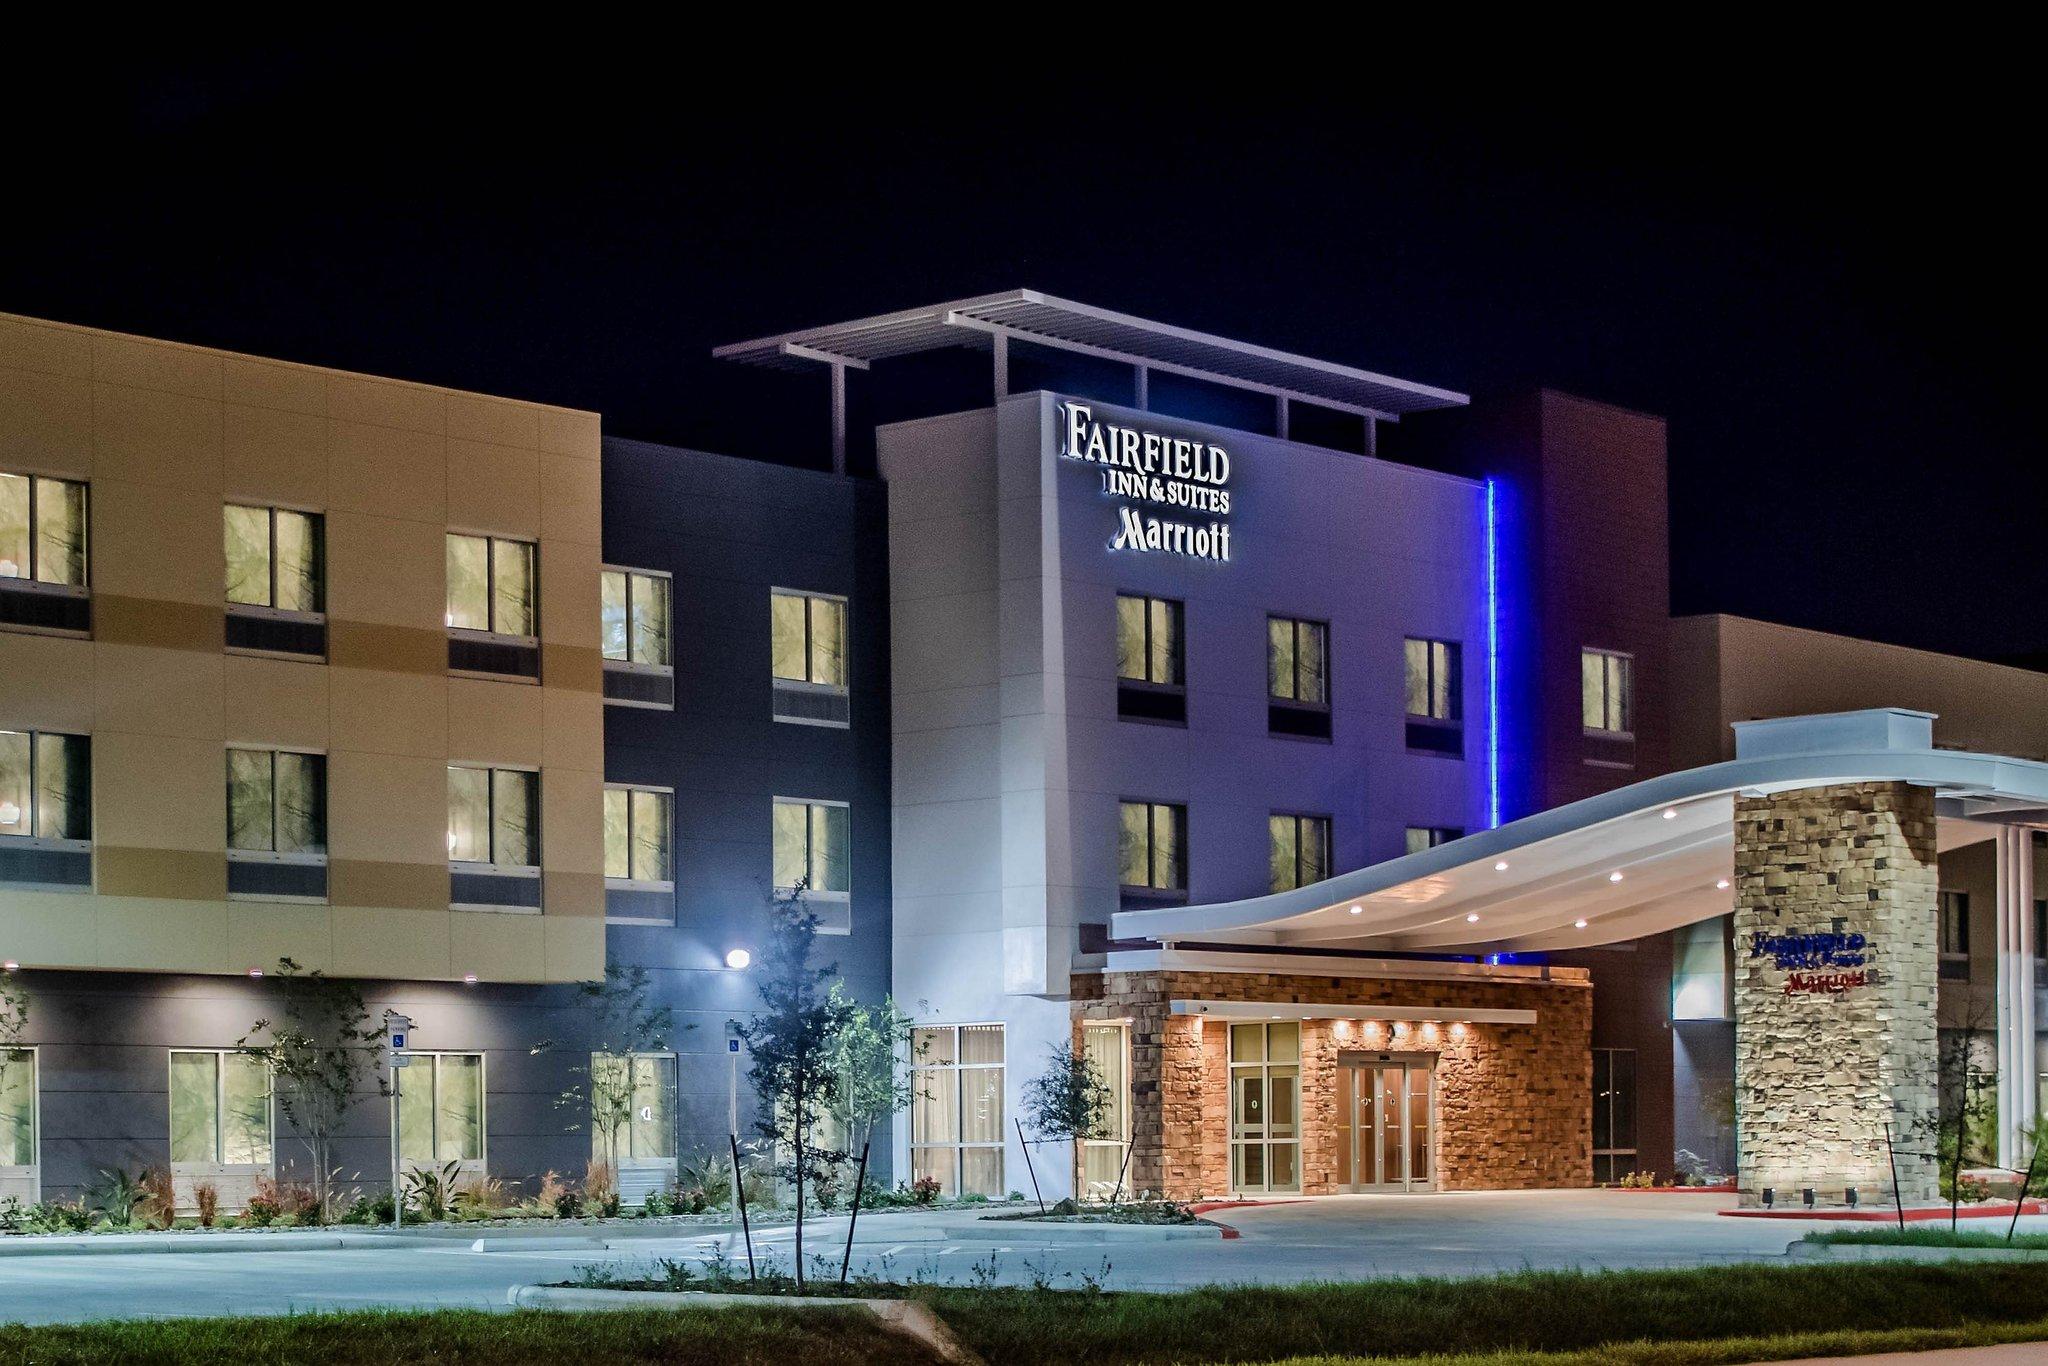 Fairfield Inn & Suites Brownsville North